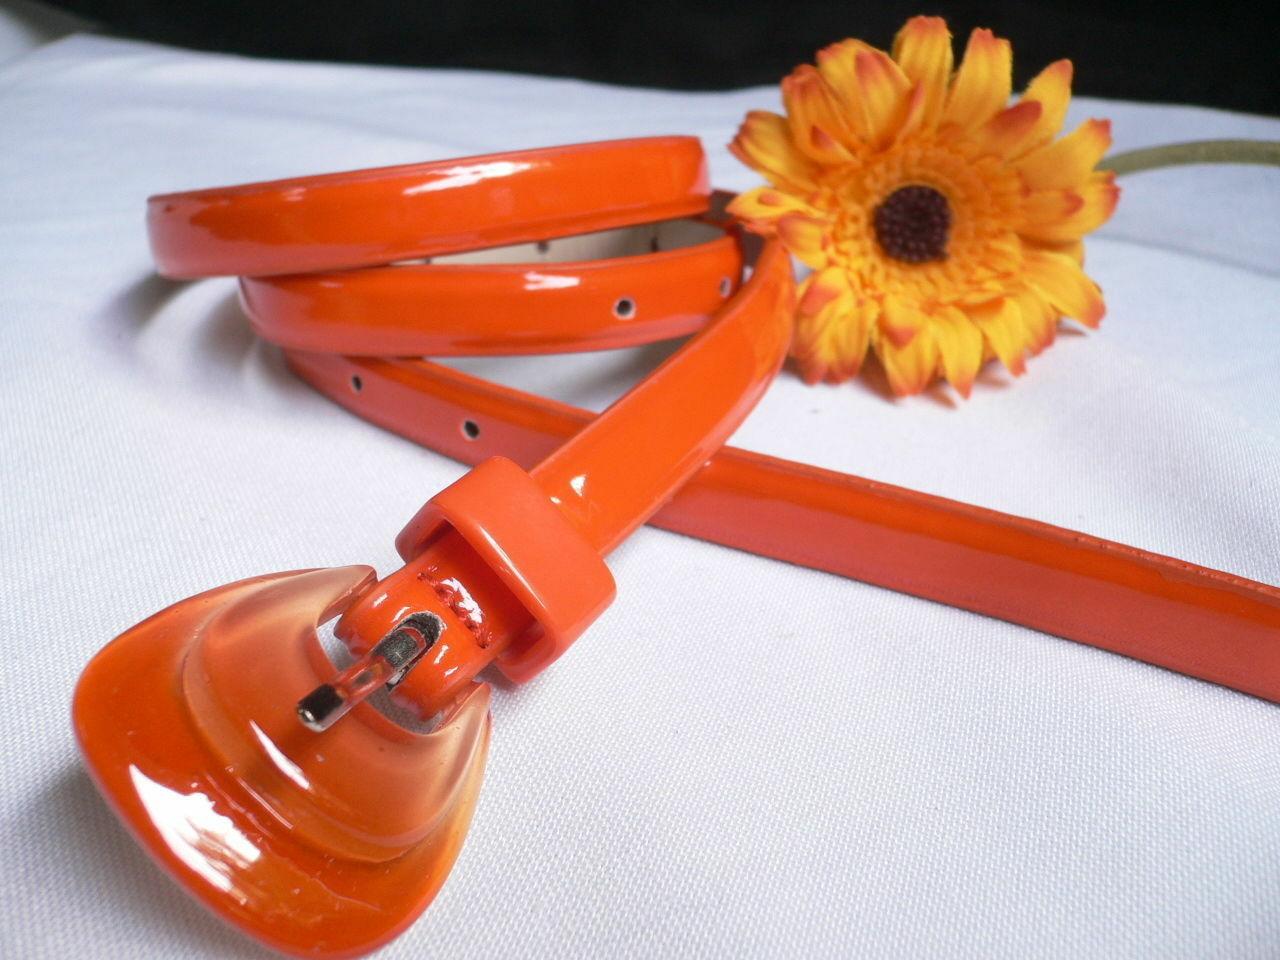 Neu Damen Mode Gürtel Trendy Skinny Hell Orange Kunstleder Schnalle S M image 4